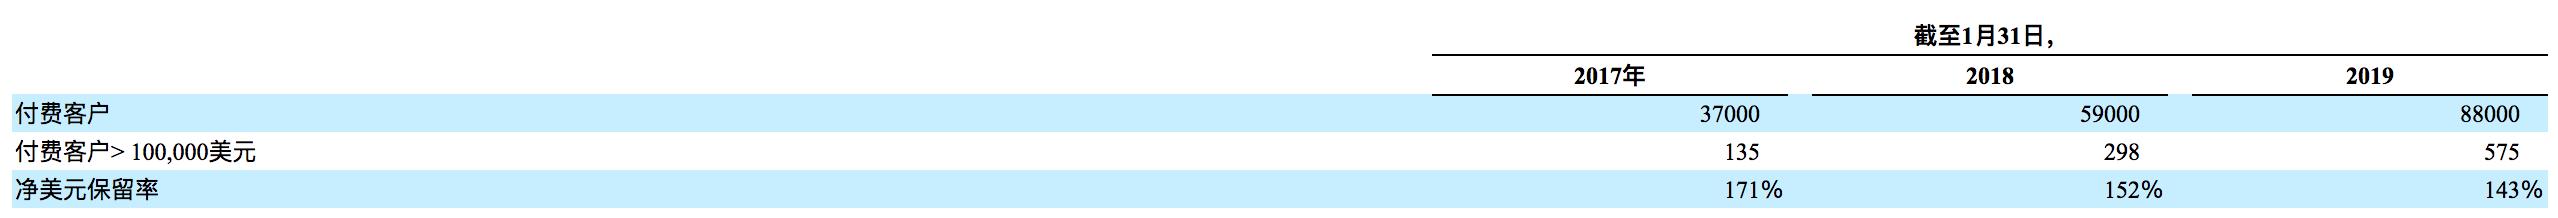 如何购买Slack股票 - 美股IPO